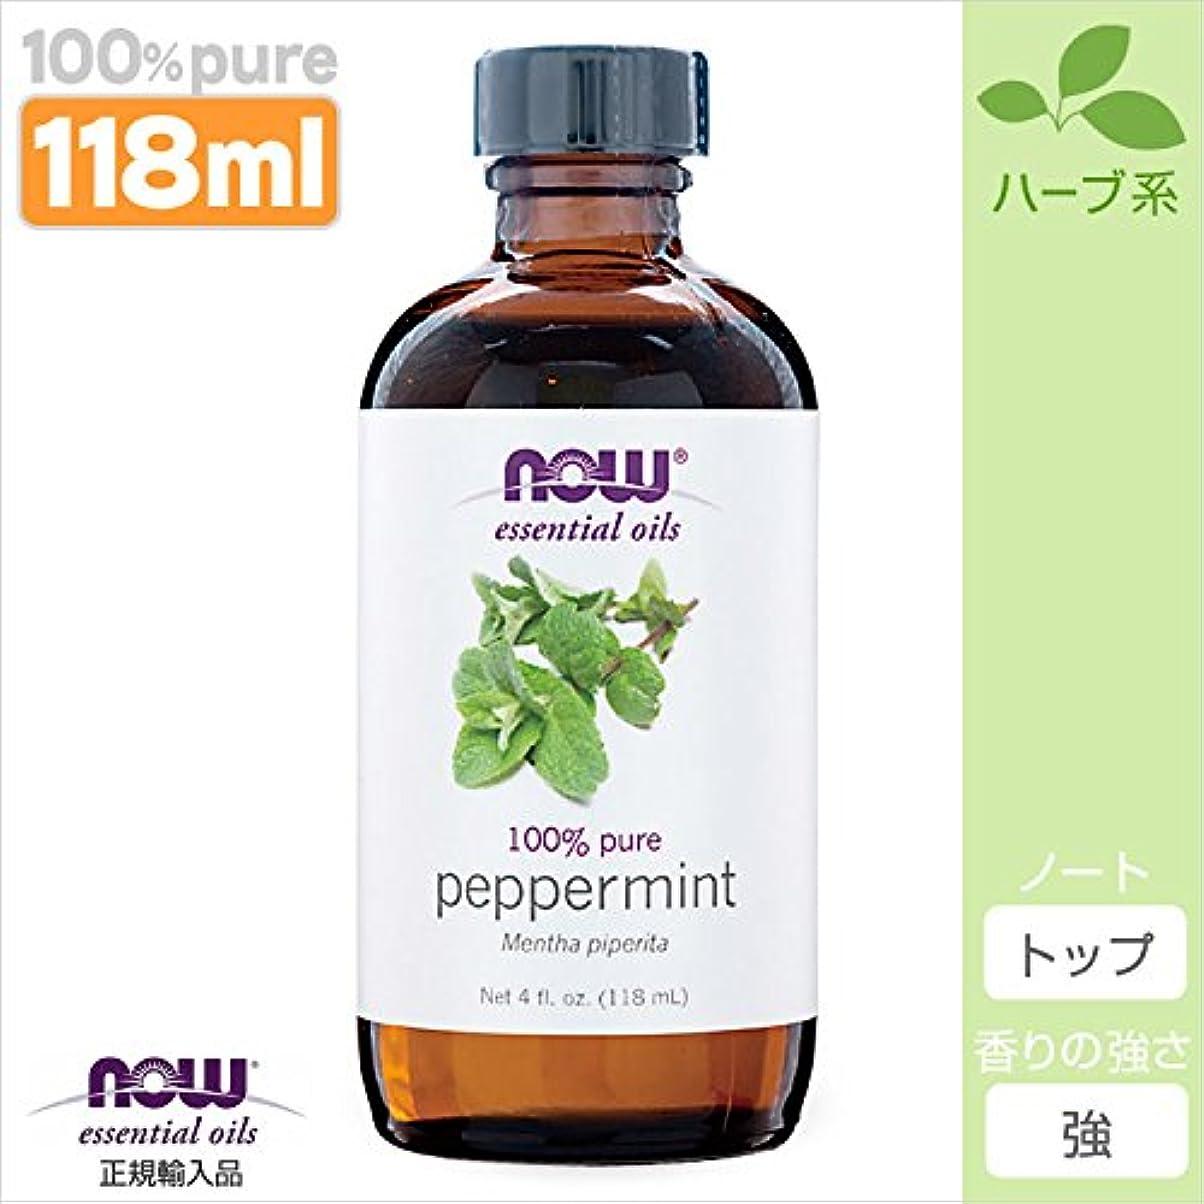 私軍成果ペパーミント 精油[118ml] 【正規輸入品】 NOWエッセンシャルオイル(アロマオイル)